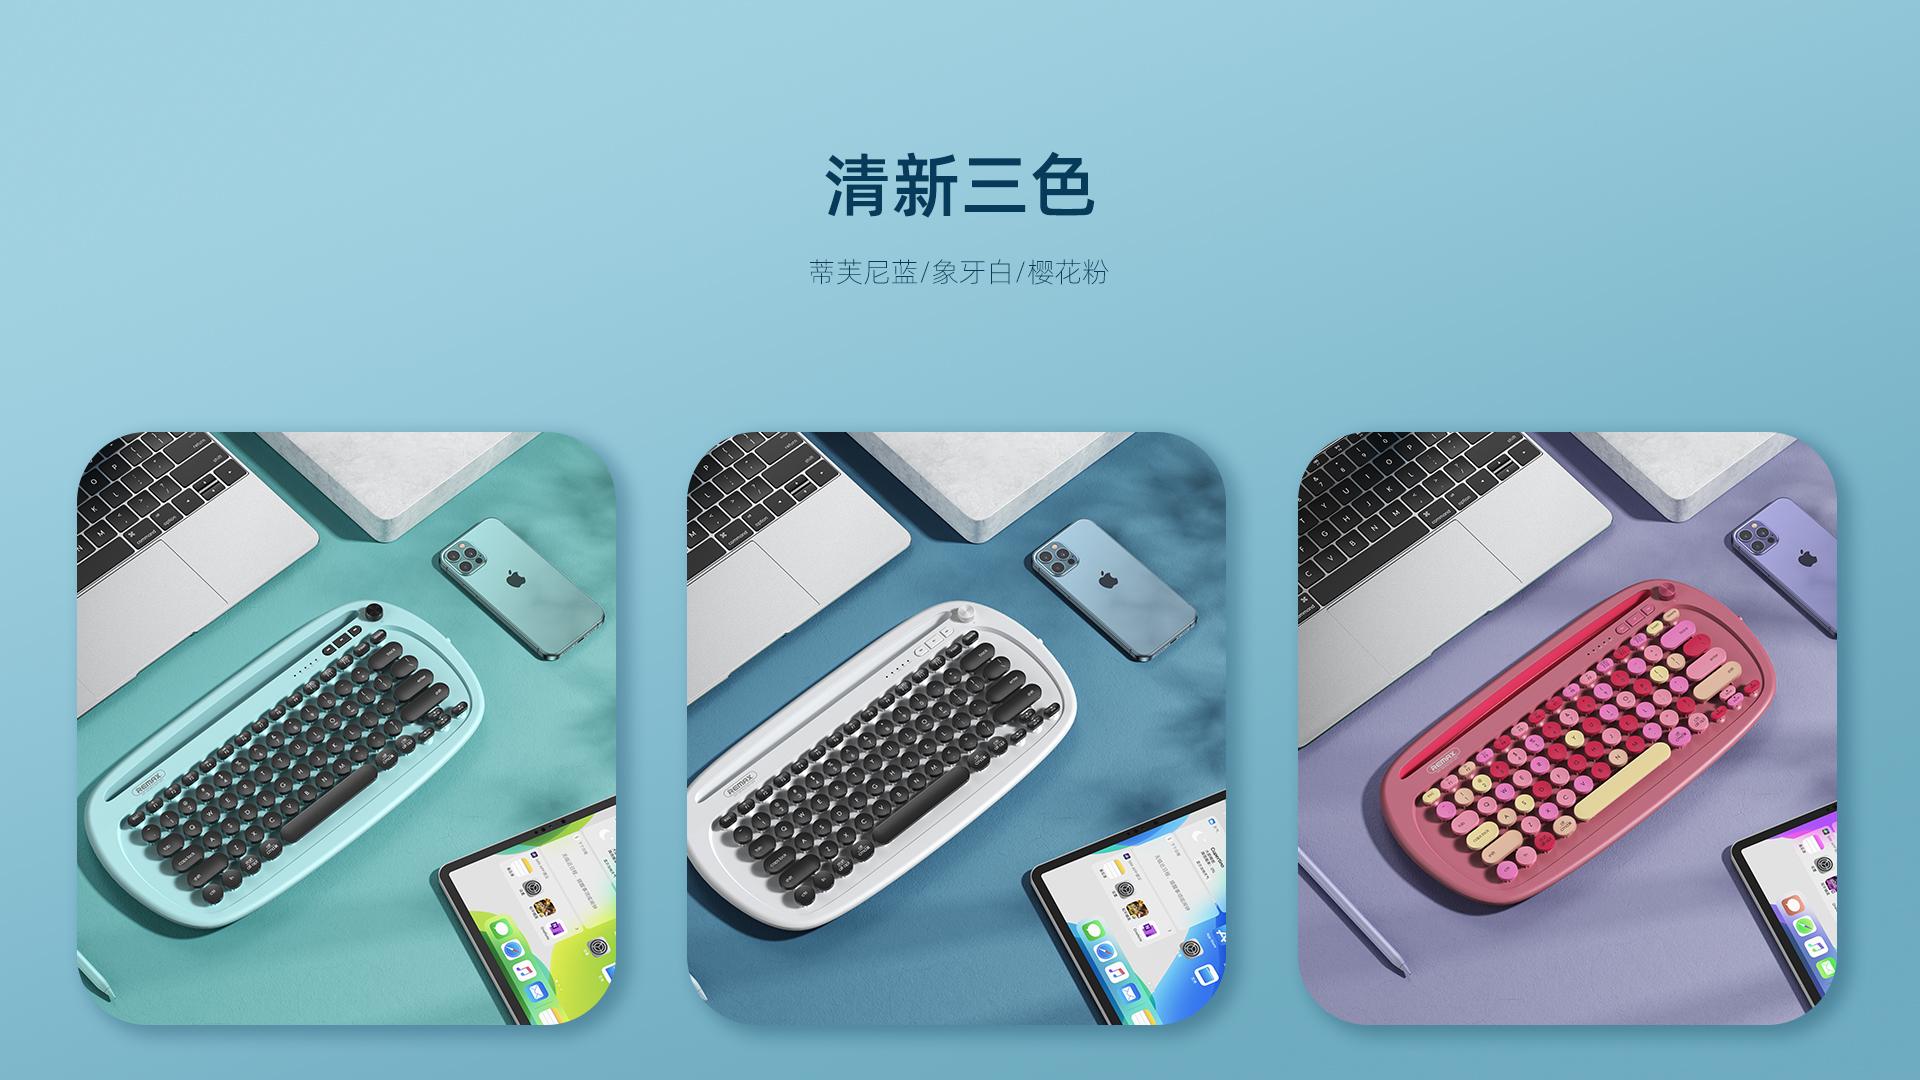 JP-1-无线三模键盘-网页_06